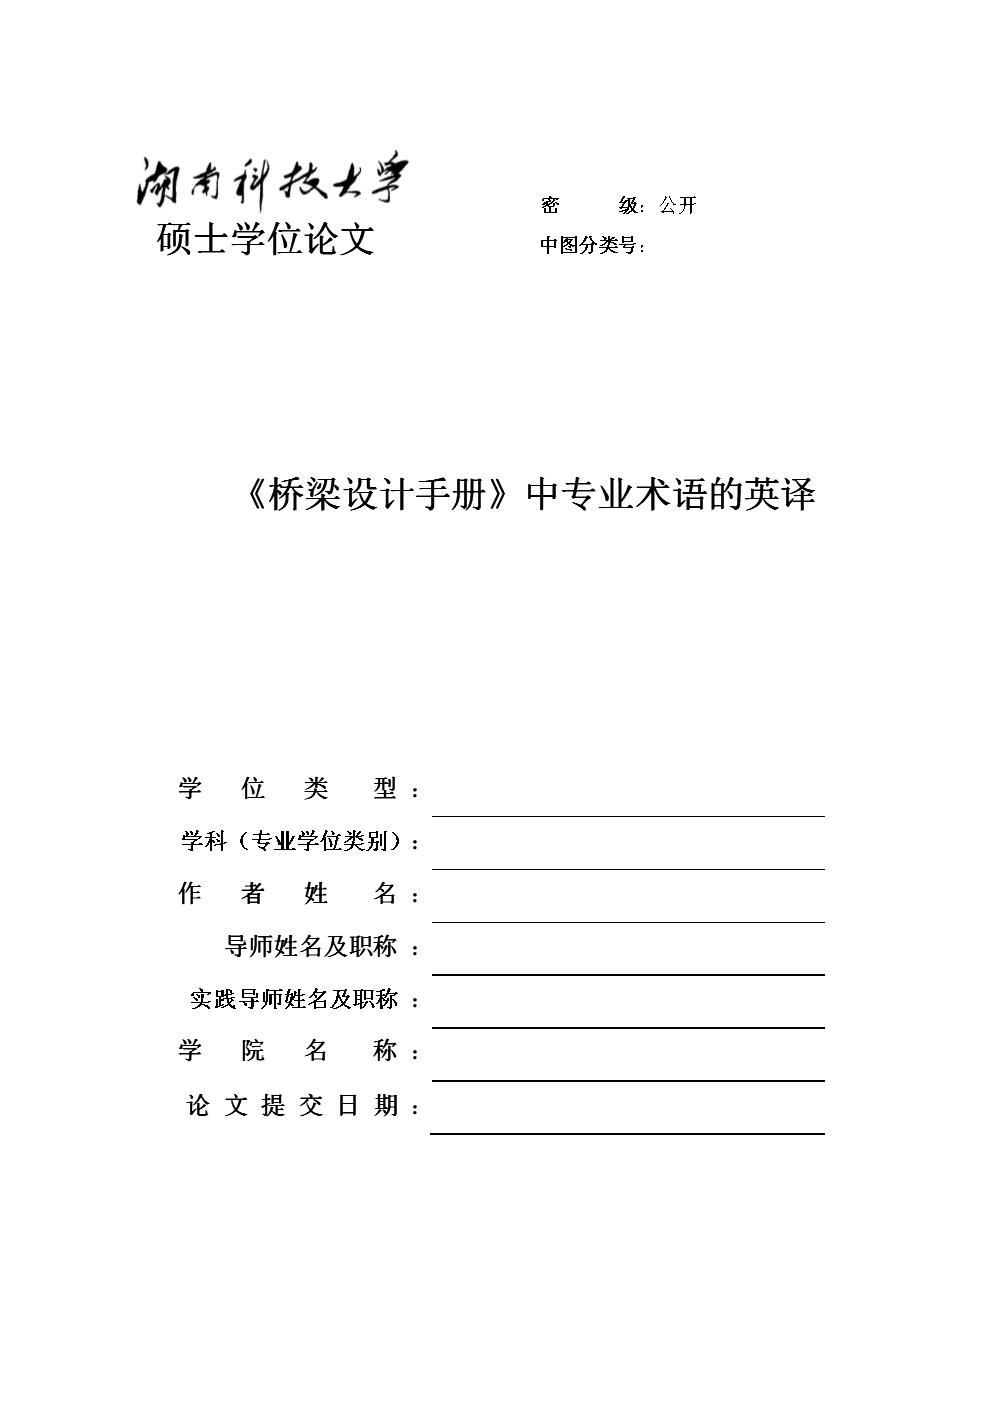 《桥梁设计手册》中专业术语的英译.doc